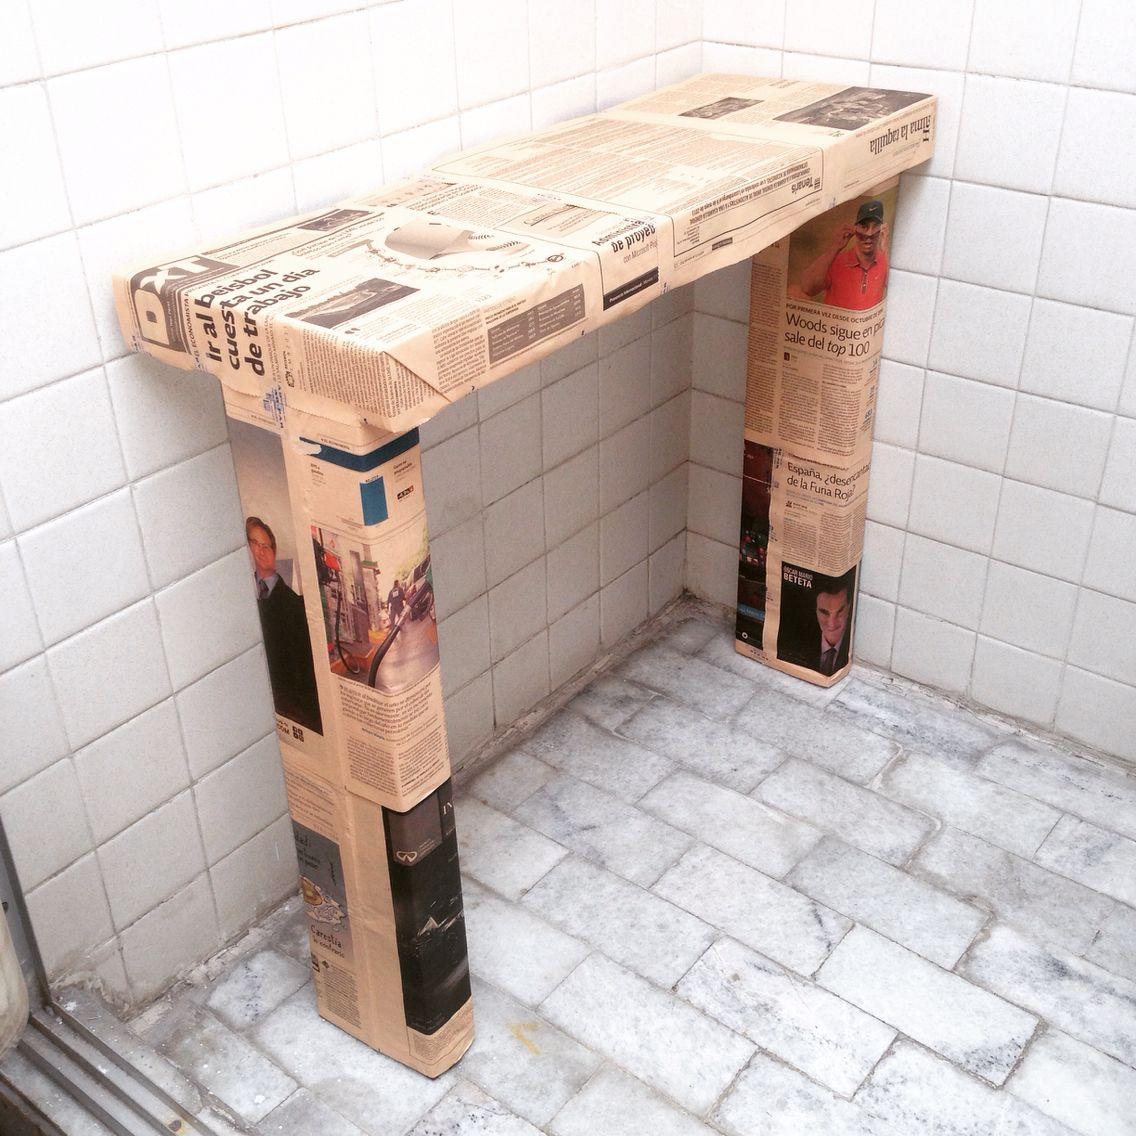 Mueble de decoraci n hecho con cajas de leche o tetrapack - Decoracion de cajas ...